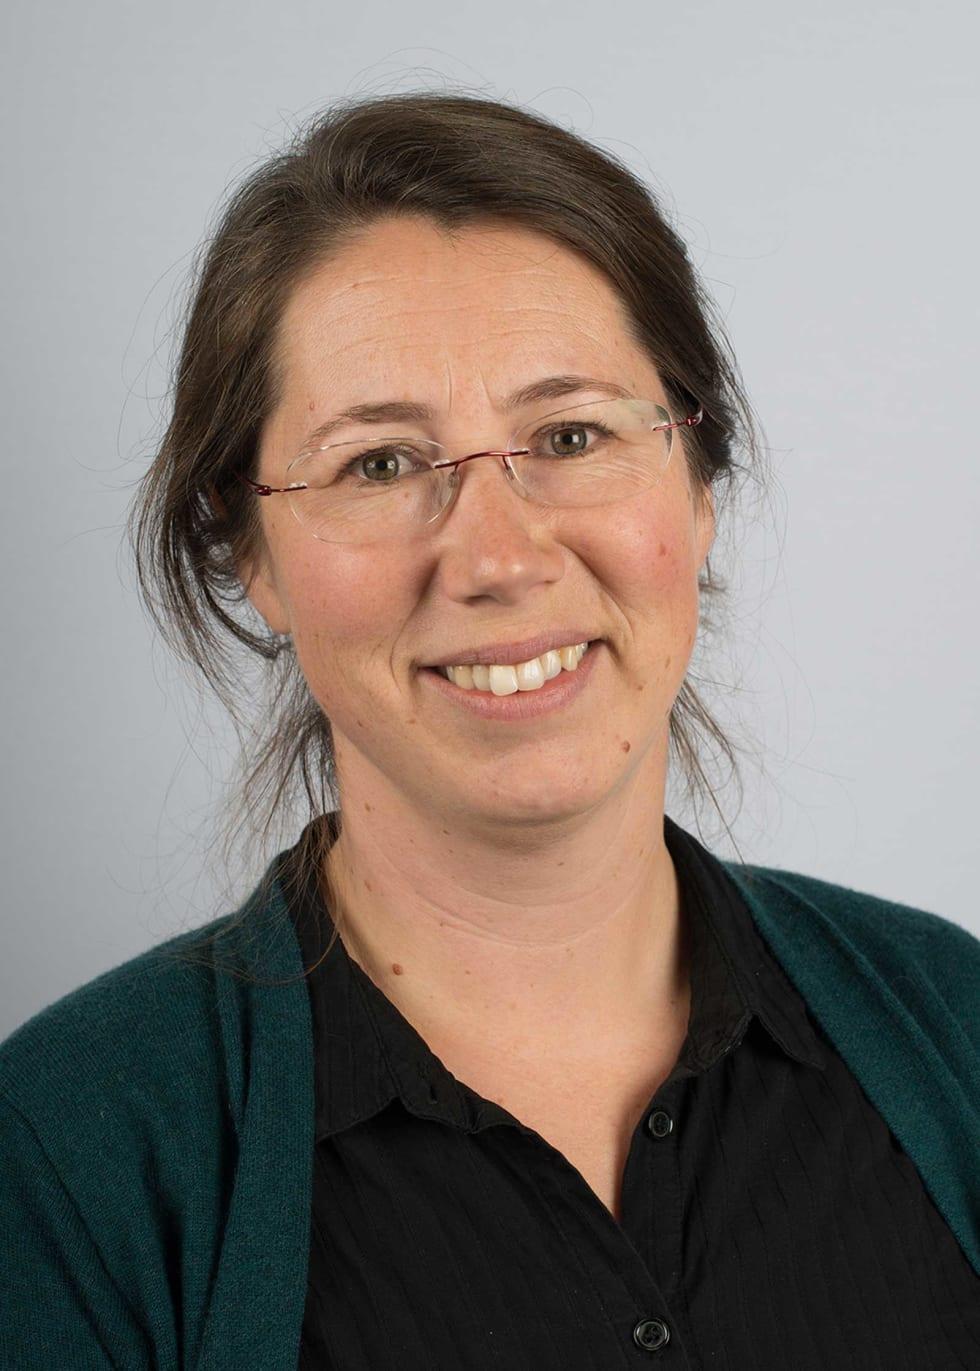 PROSJEKTLEDER: Marianne Evju ved NINA er en av prosjektlederne som skal se på slitasjen fra gående og syklende på stier. Foto: Arnstein Staverløkk